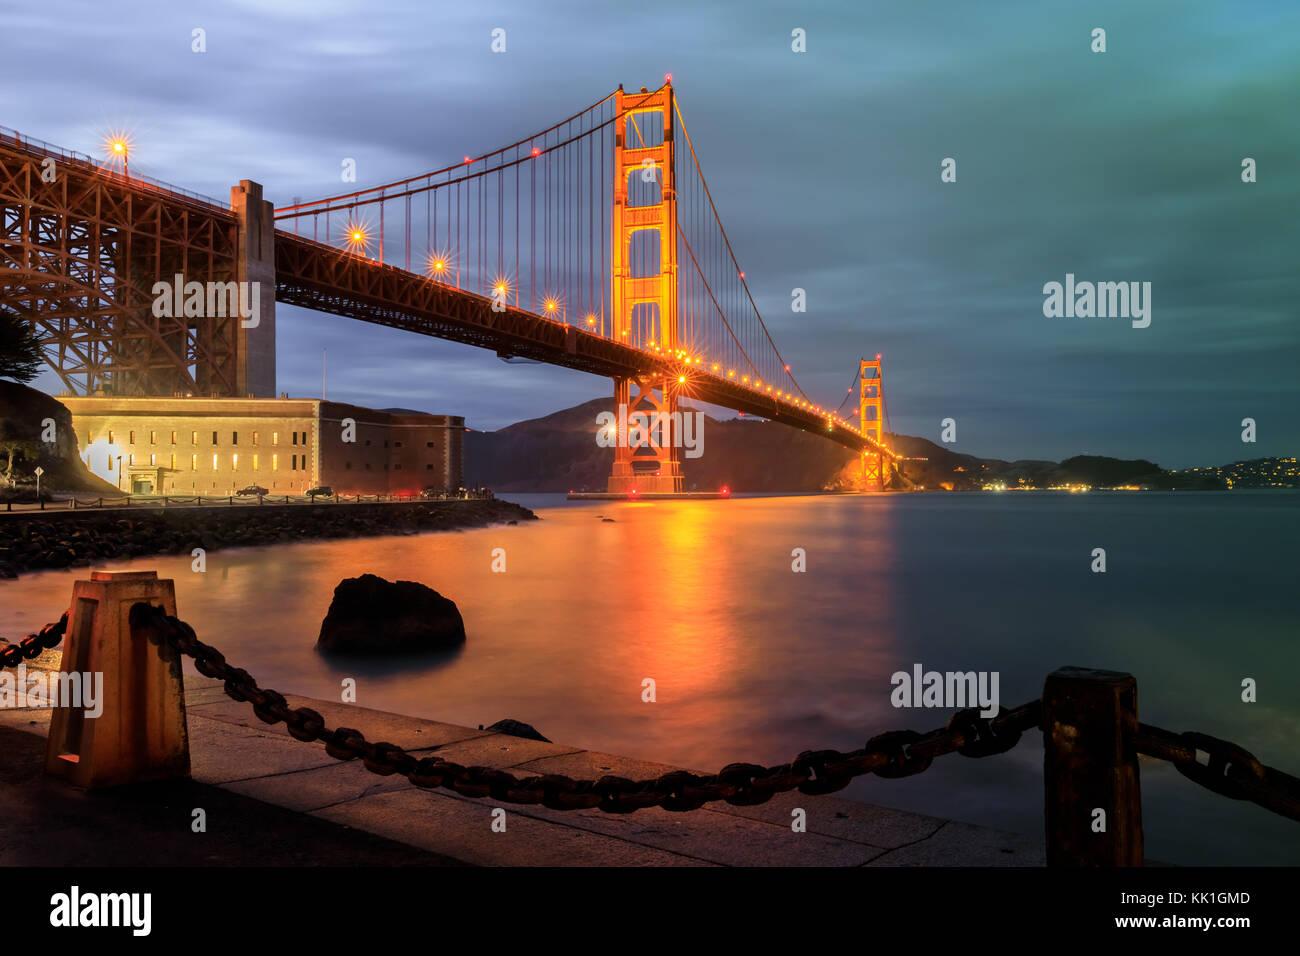 Il Ponte Golden Gate e la catena collegamento recinto di notte. Immagini Stock